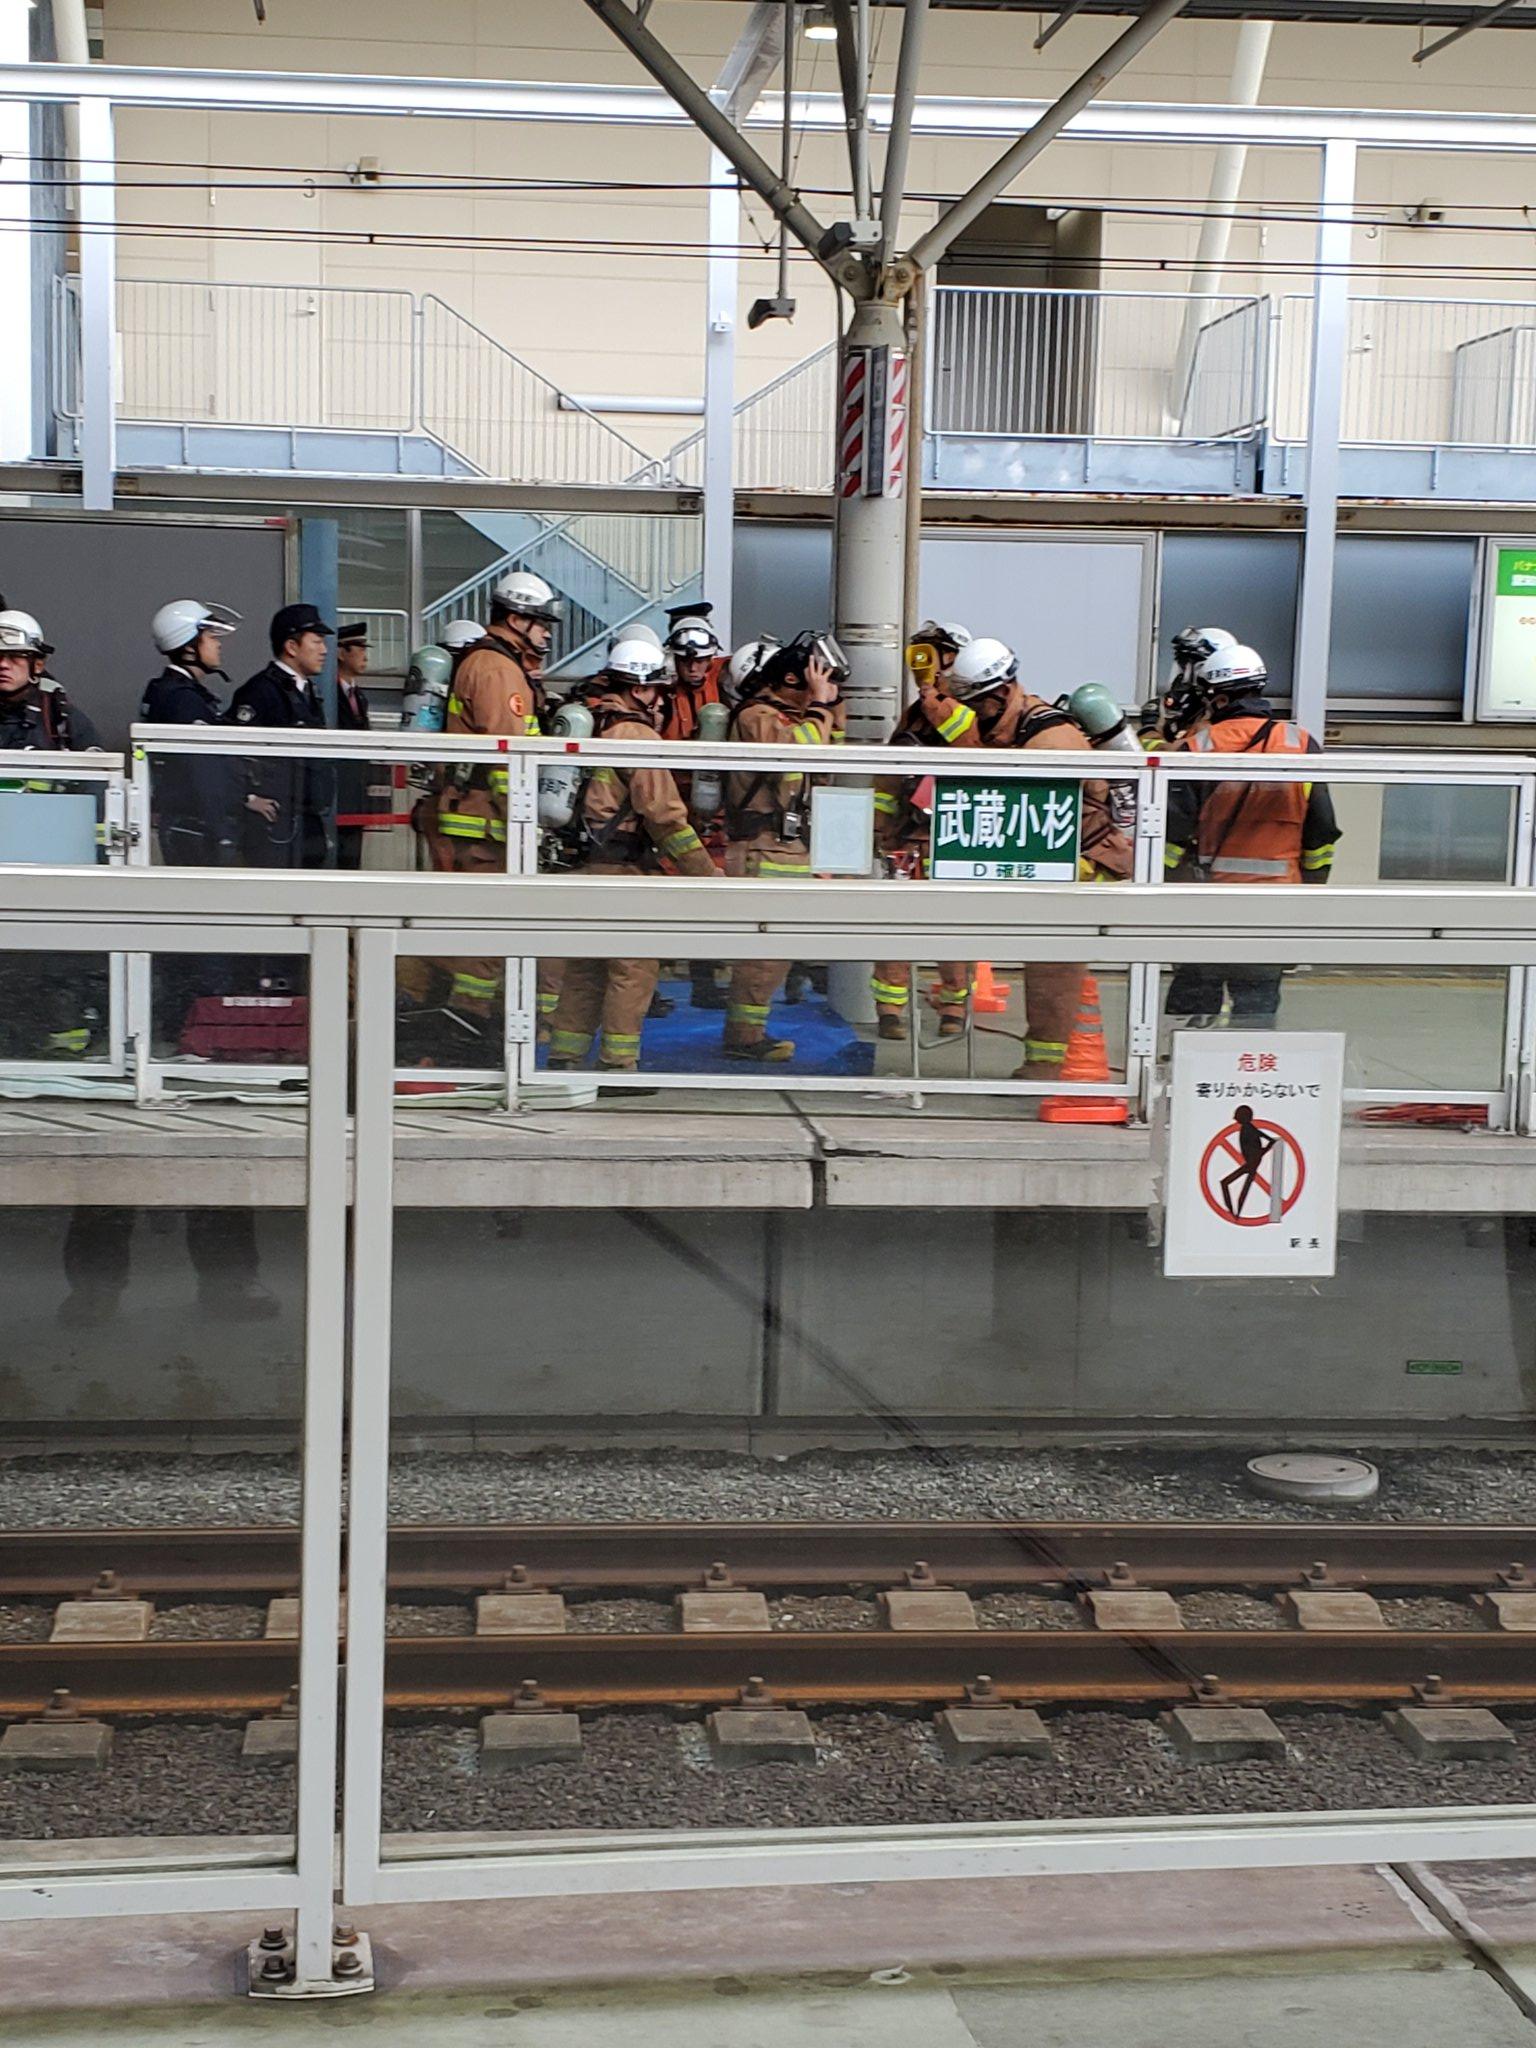 武蔵小杉駅の不審物騒ぎで消防隊らが集結している画像